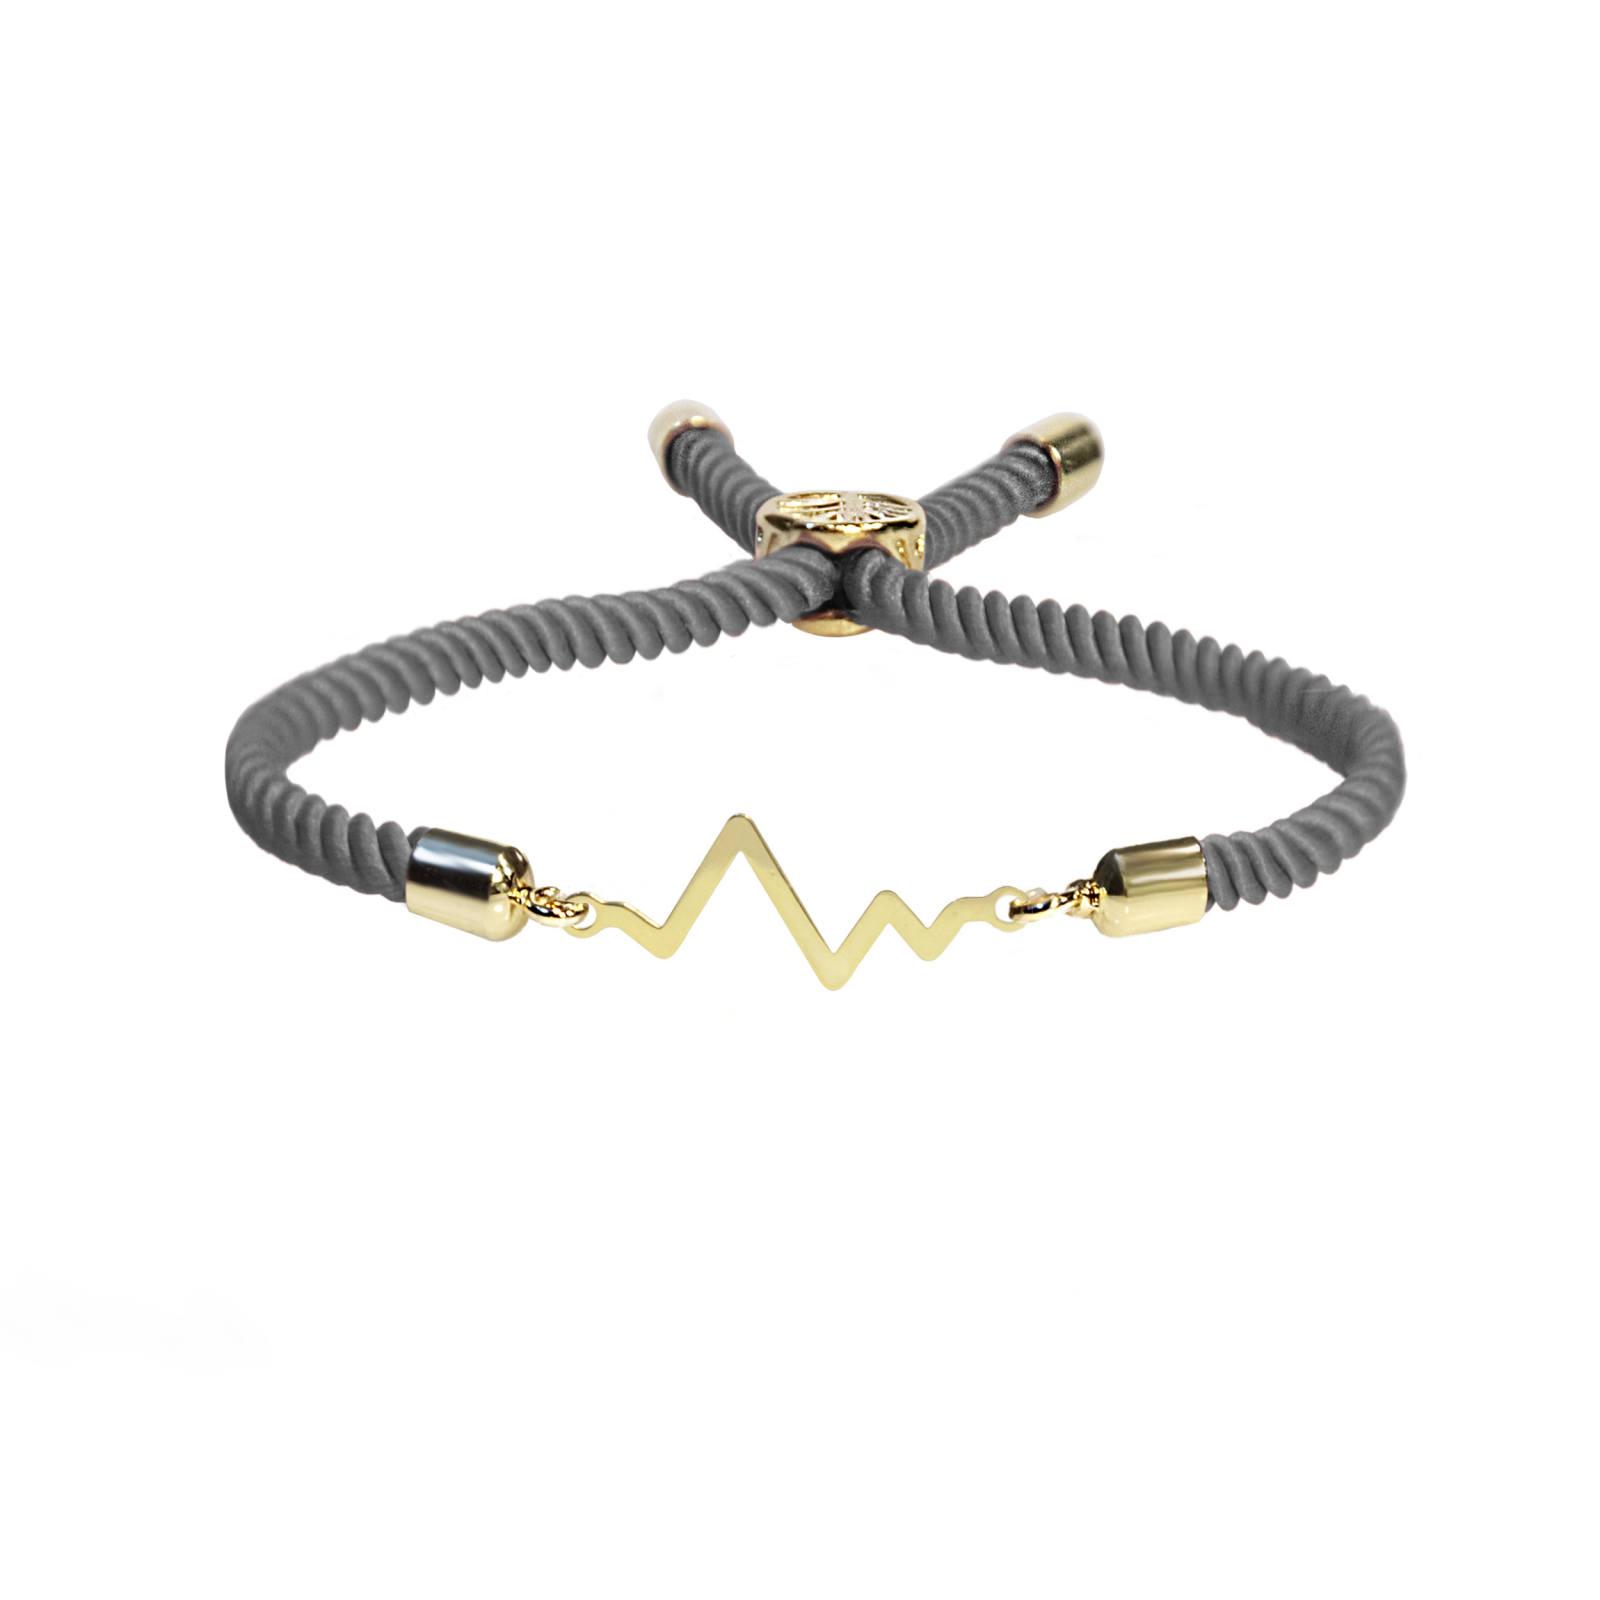 دستبند نقره زنانه آبستره مدل DZG-01 -  - 3